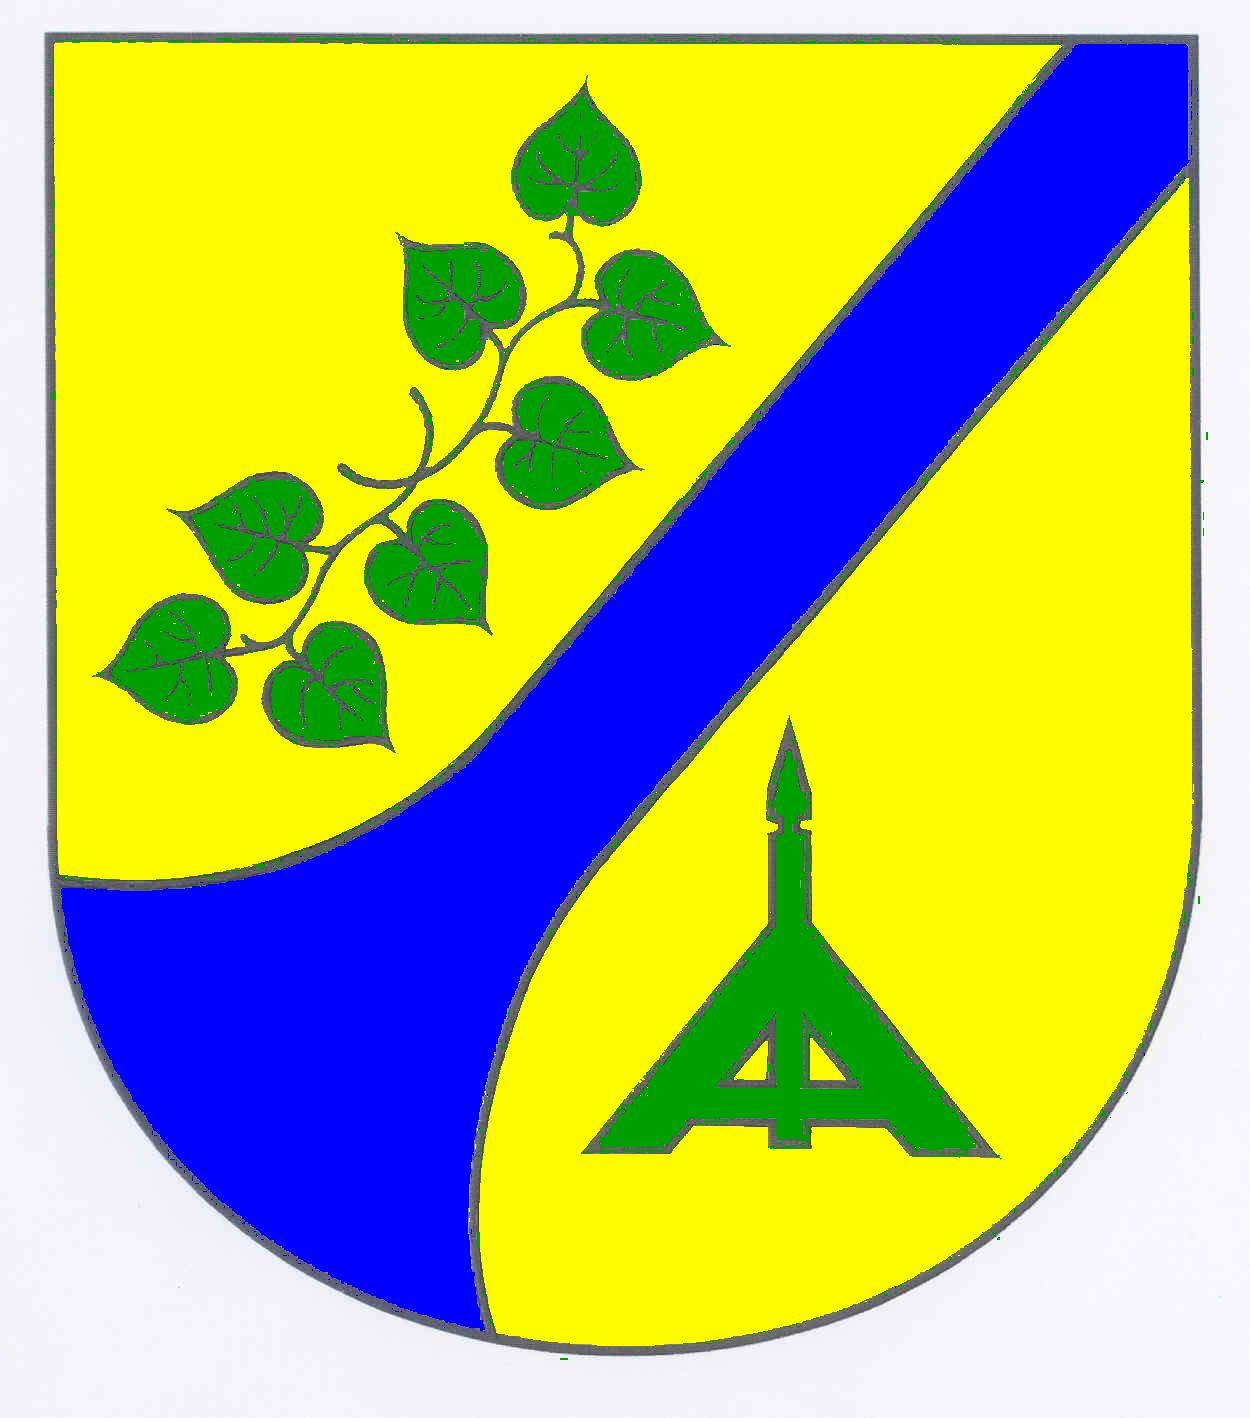 Wappen GemeindeTramm, Kreis Herzogtum Lauenburg